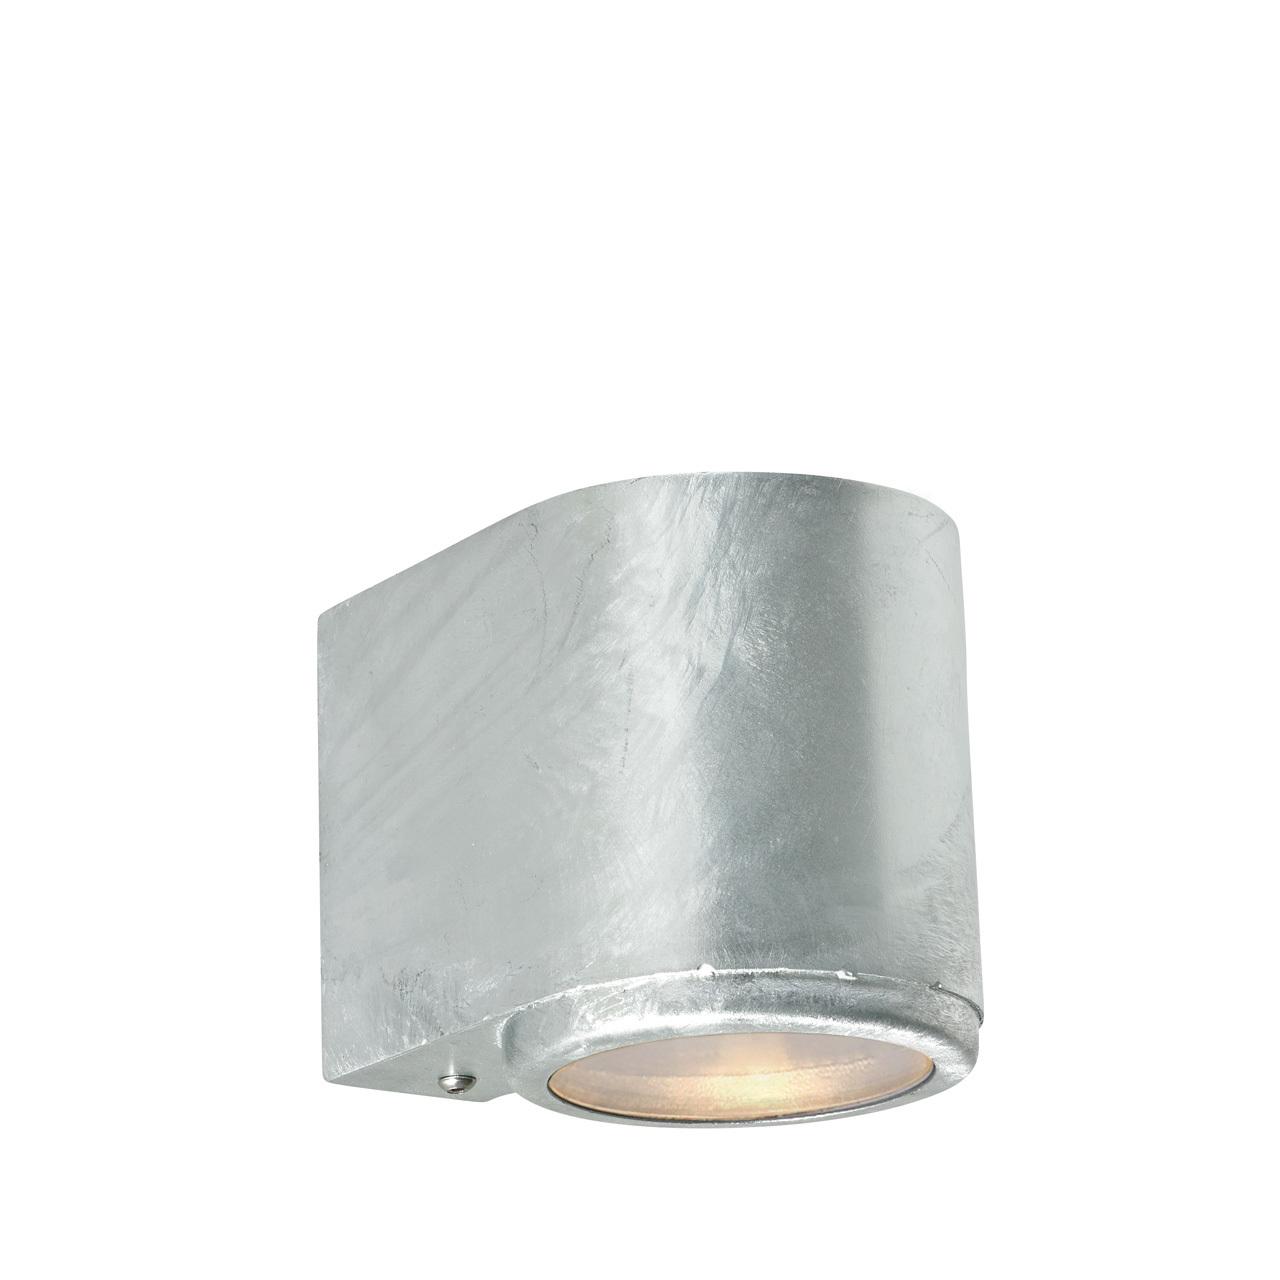 Lampa ścienna MANDAL 1374GA -Norlys  SPRAWDŹ RABATY  5-10-15-20 % w koszyku